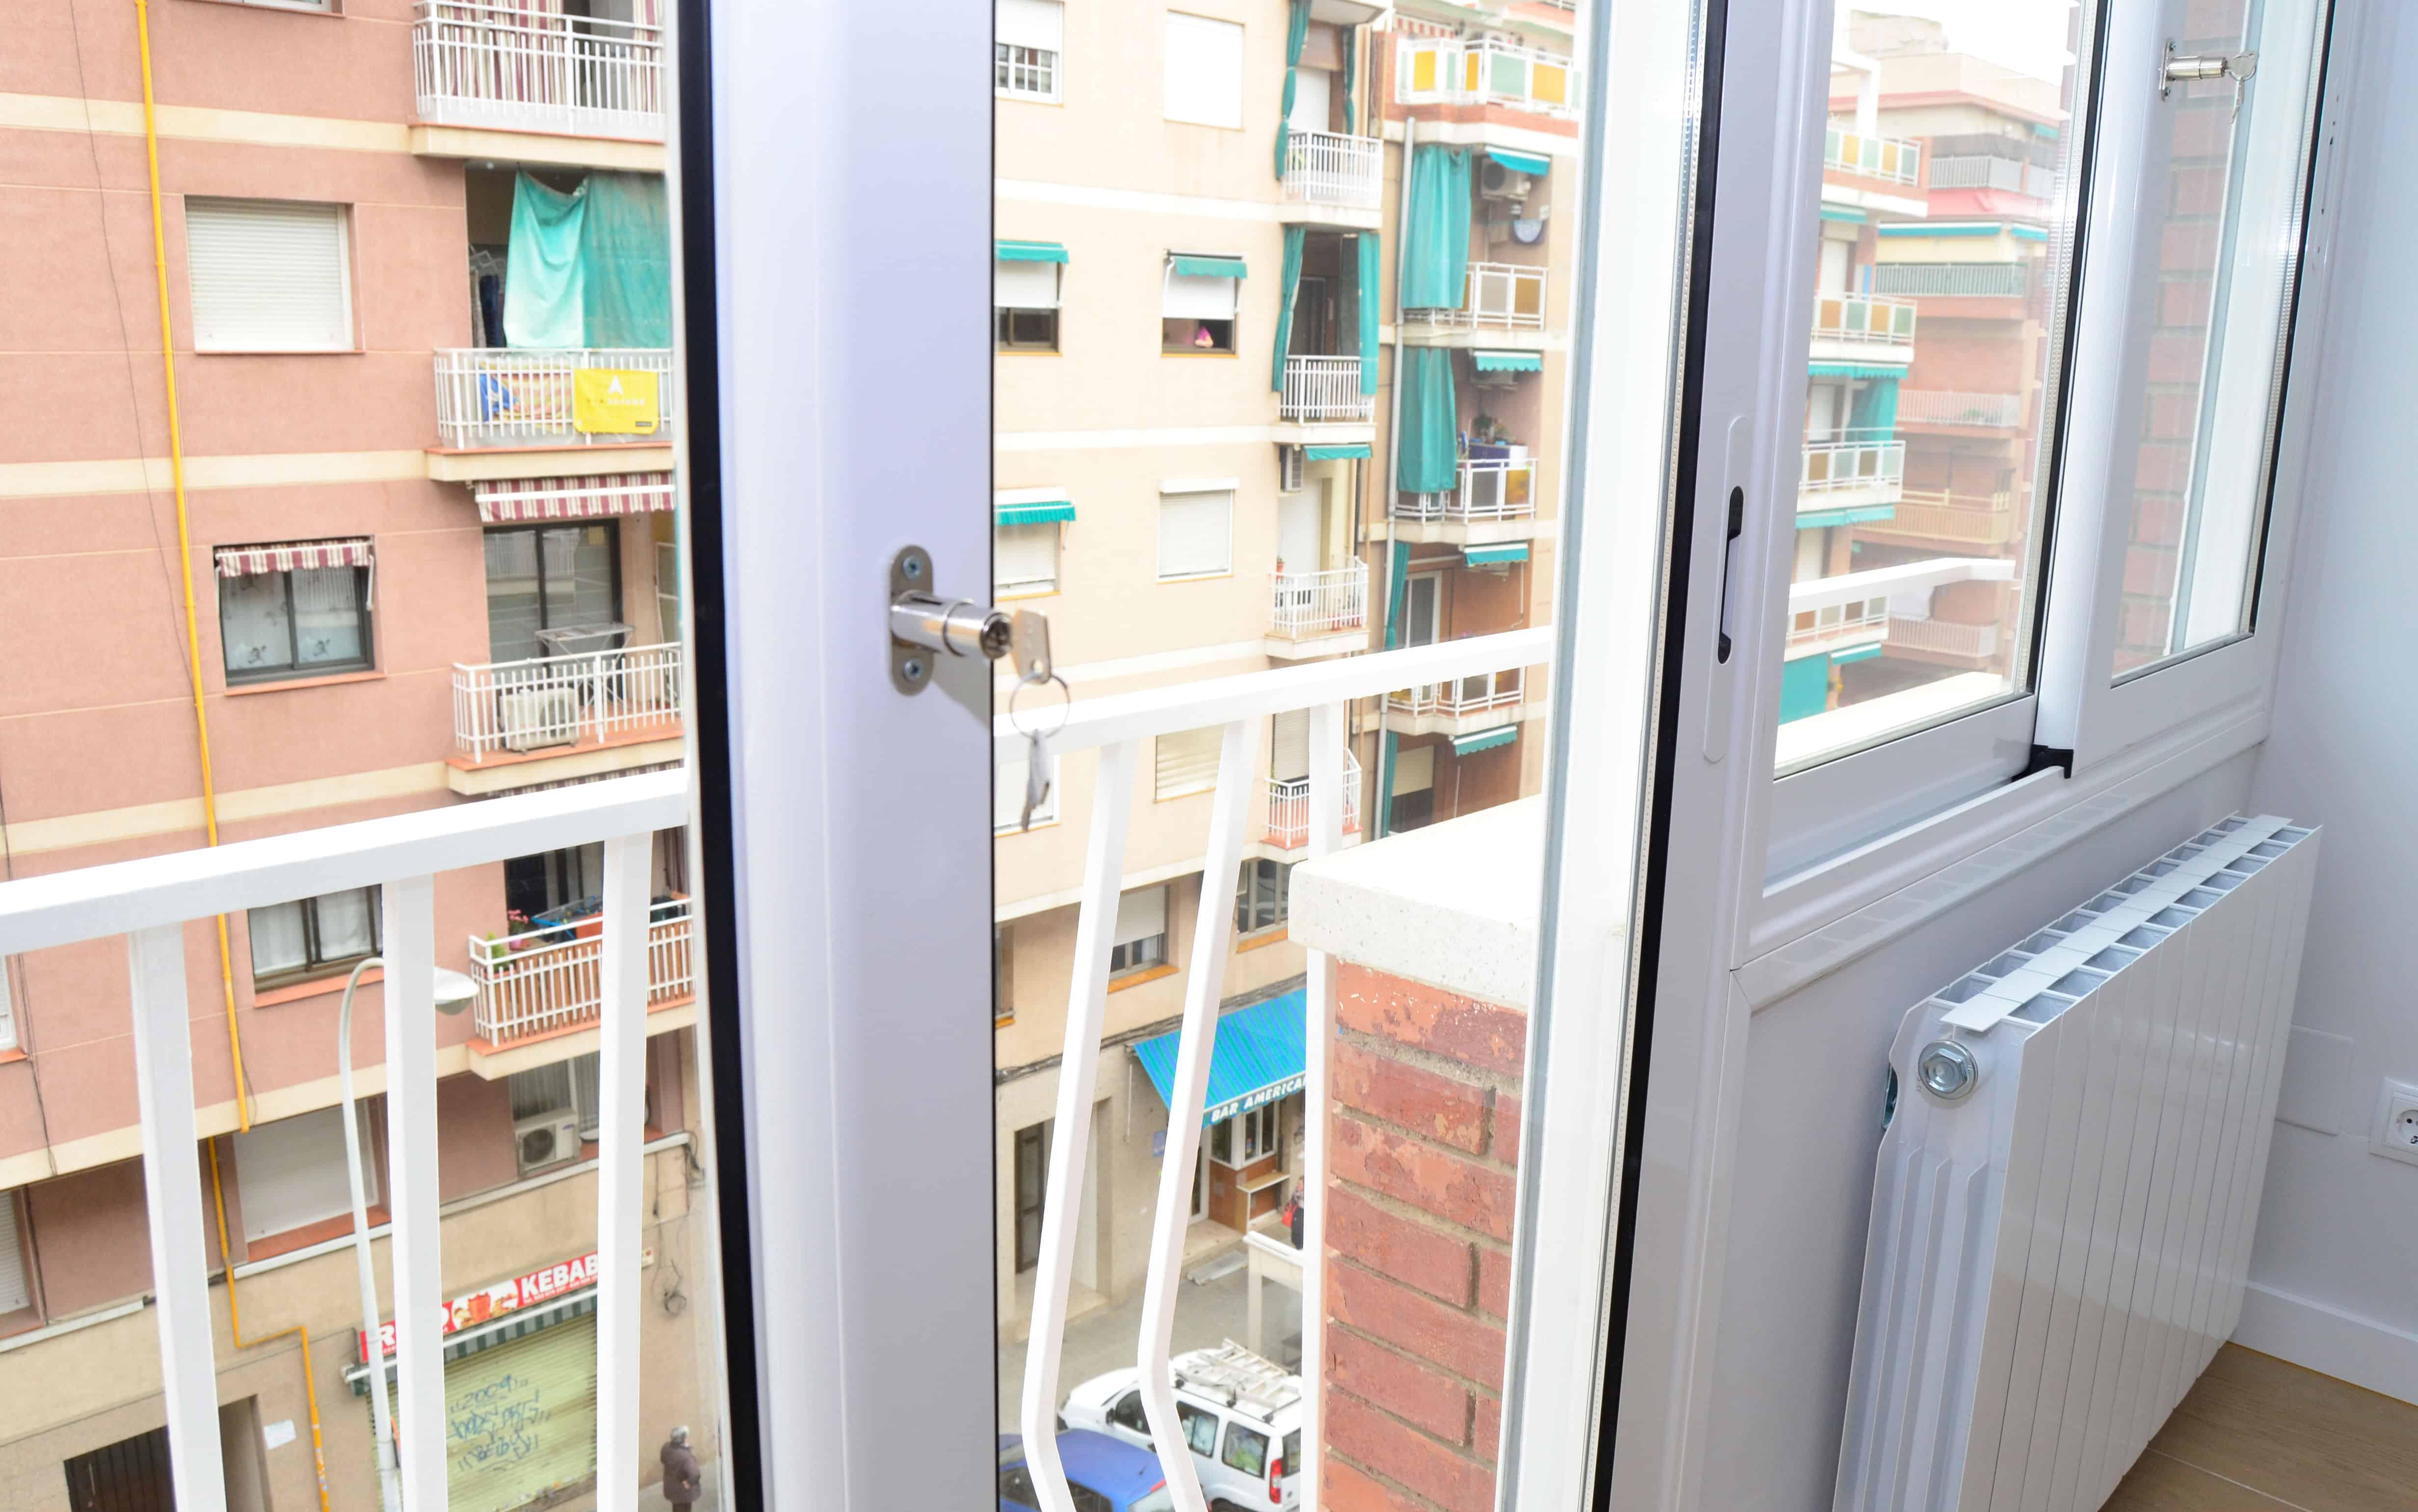 Detalle ventanas con seguridad